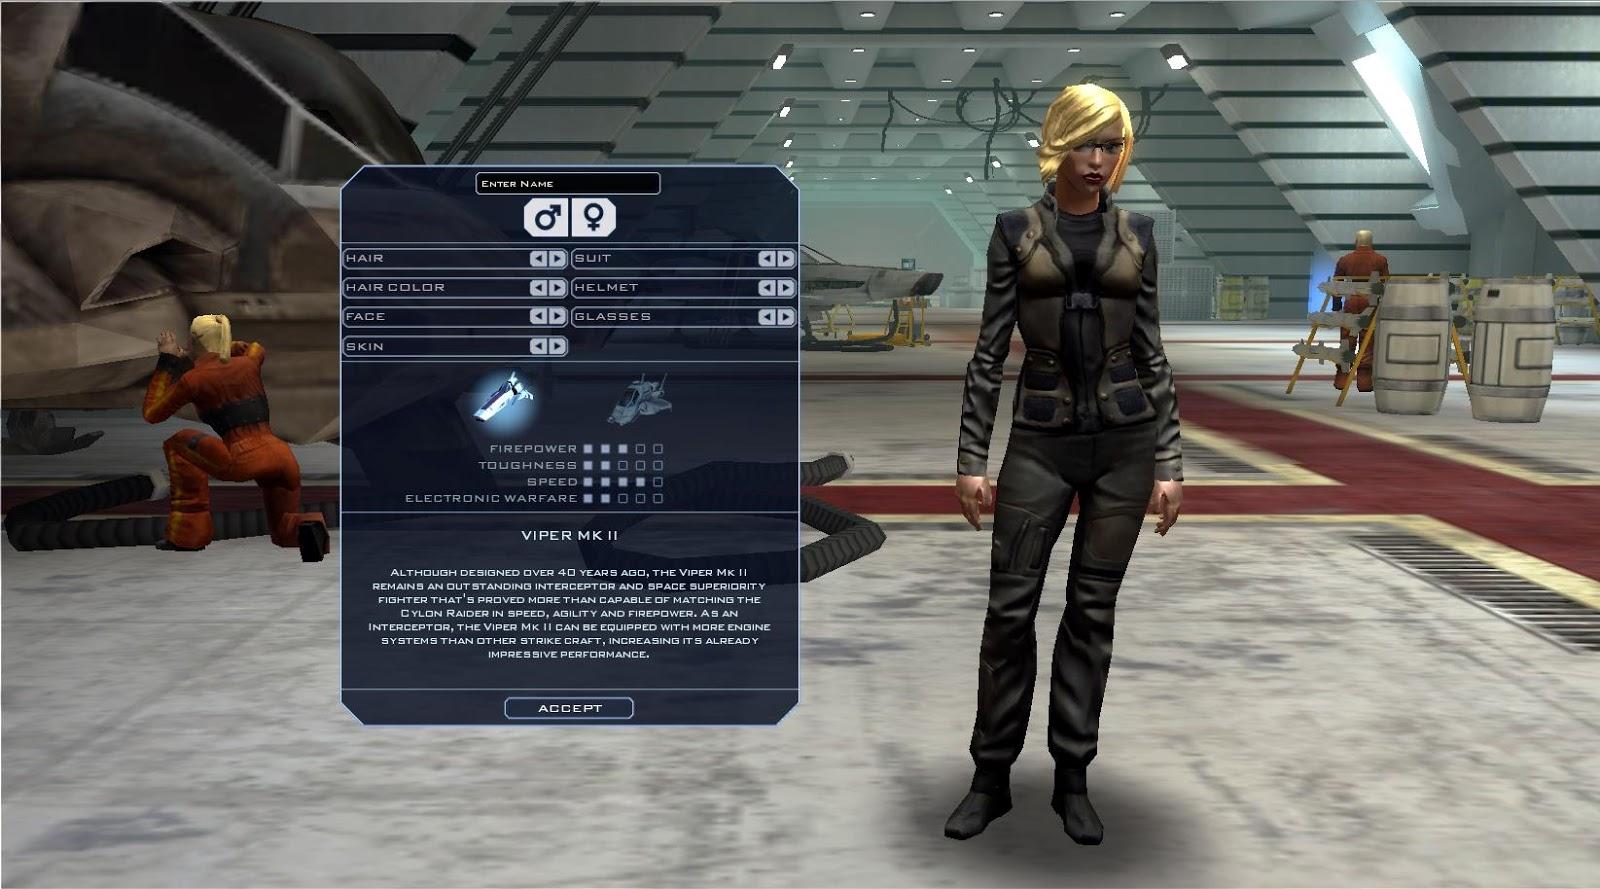 Battlestar Galactica Online - Character Creation